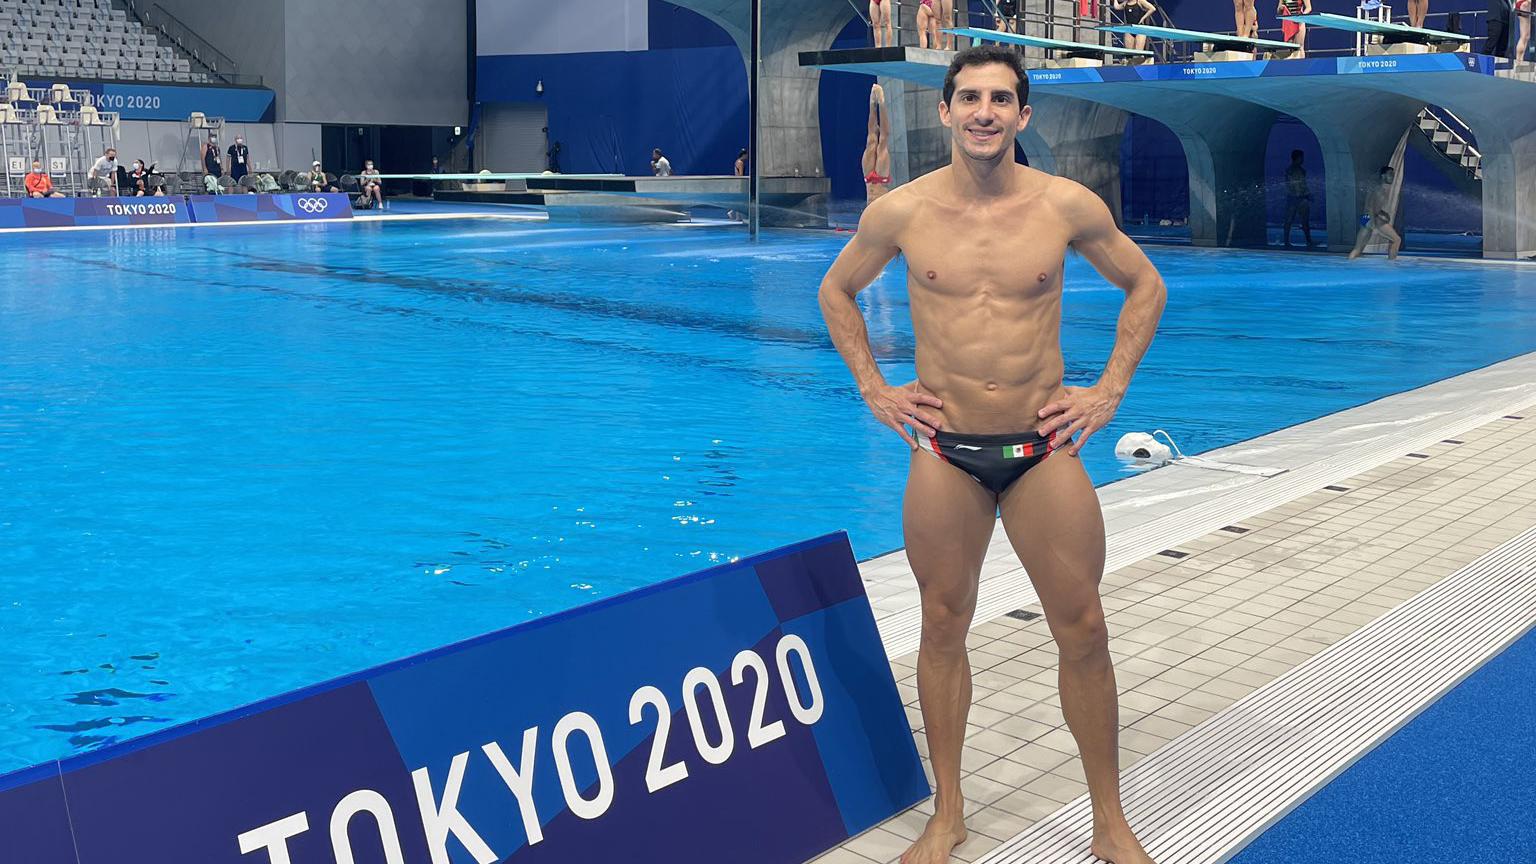 Con este clavado casi perfecto Rommel Pacheco pasa a semifinal y por qué se retira del deporte en Tokio 2020